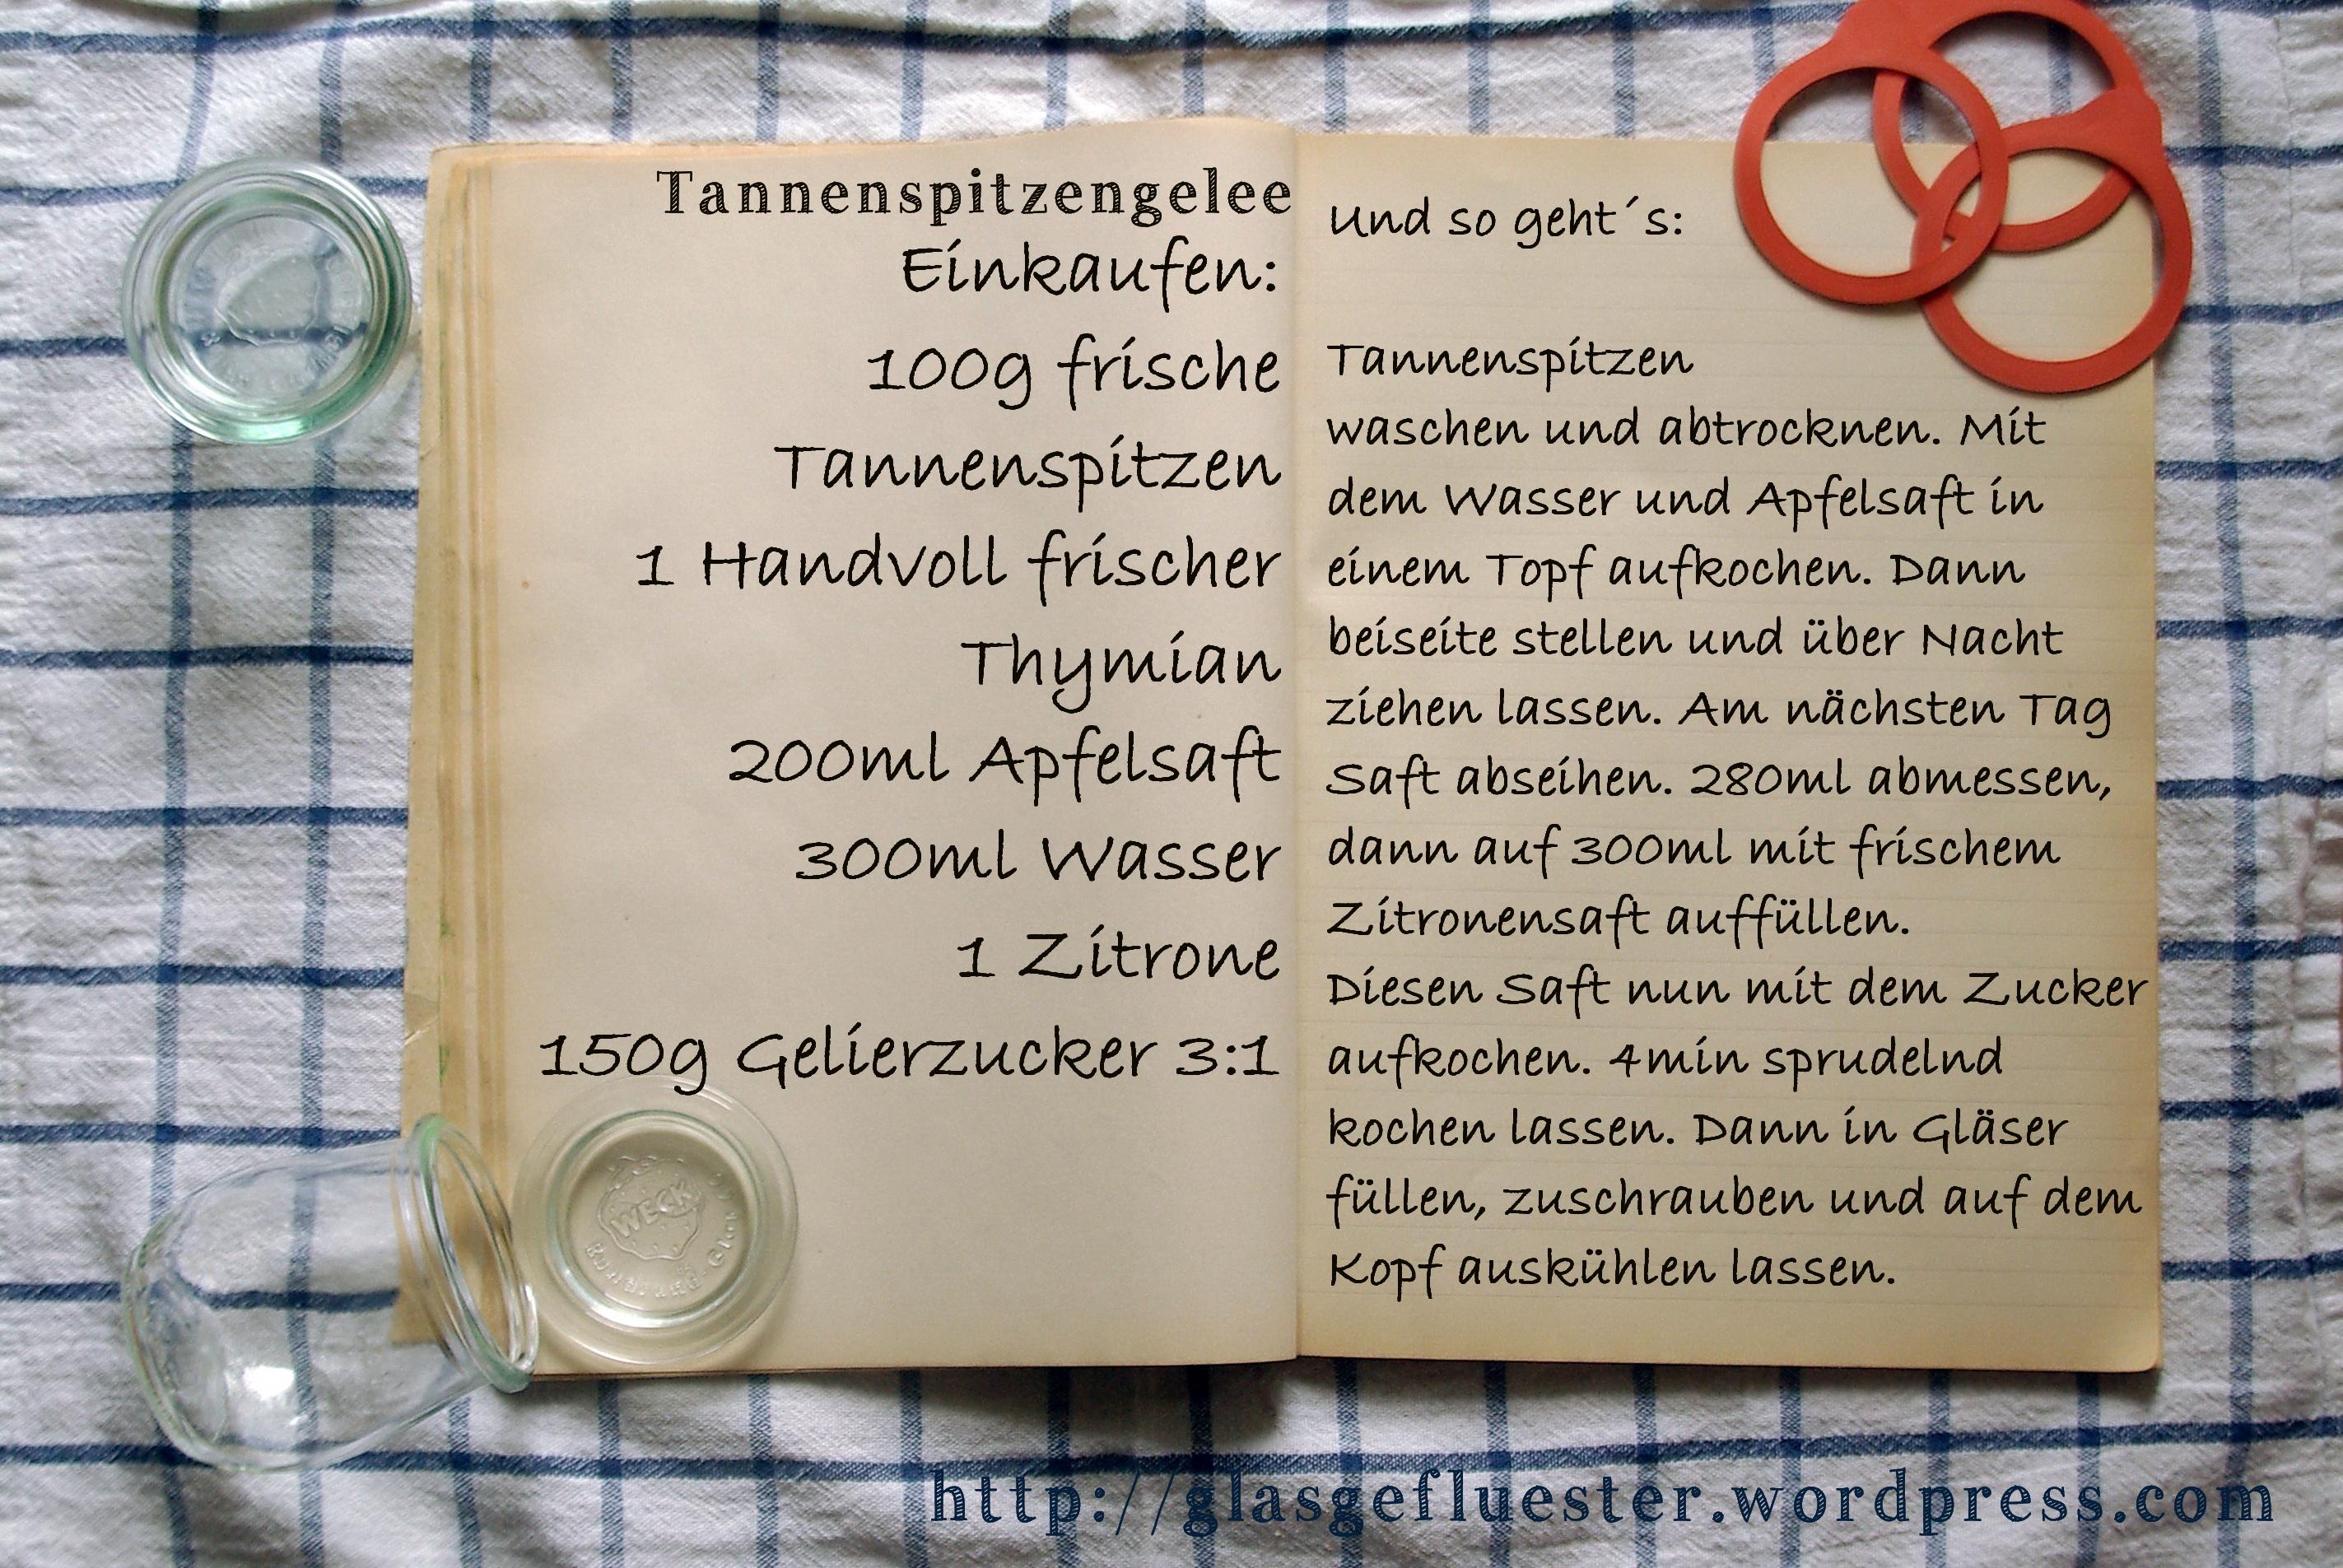 Tannenspitzen glasgefluester - Brot und salz gott erhalts ...